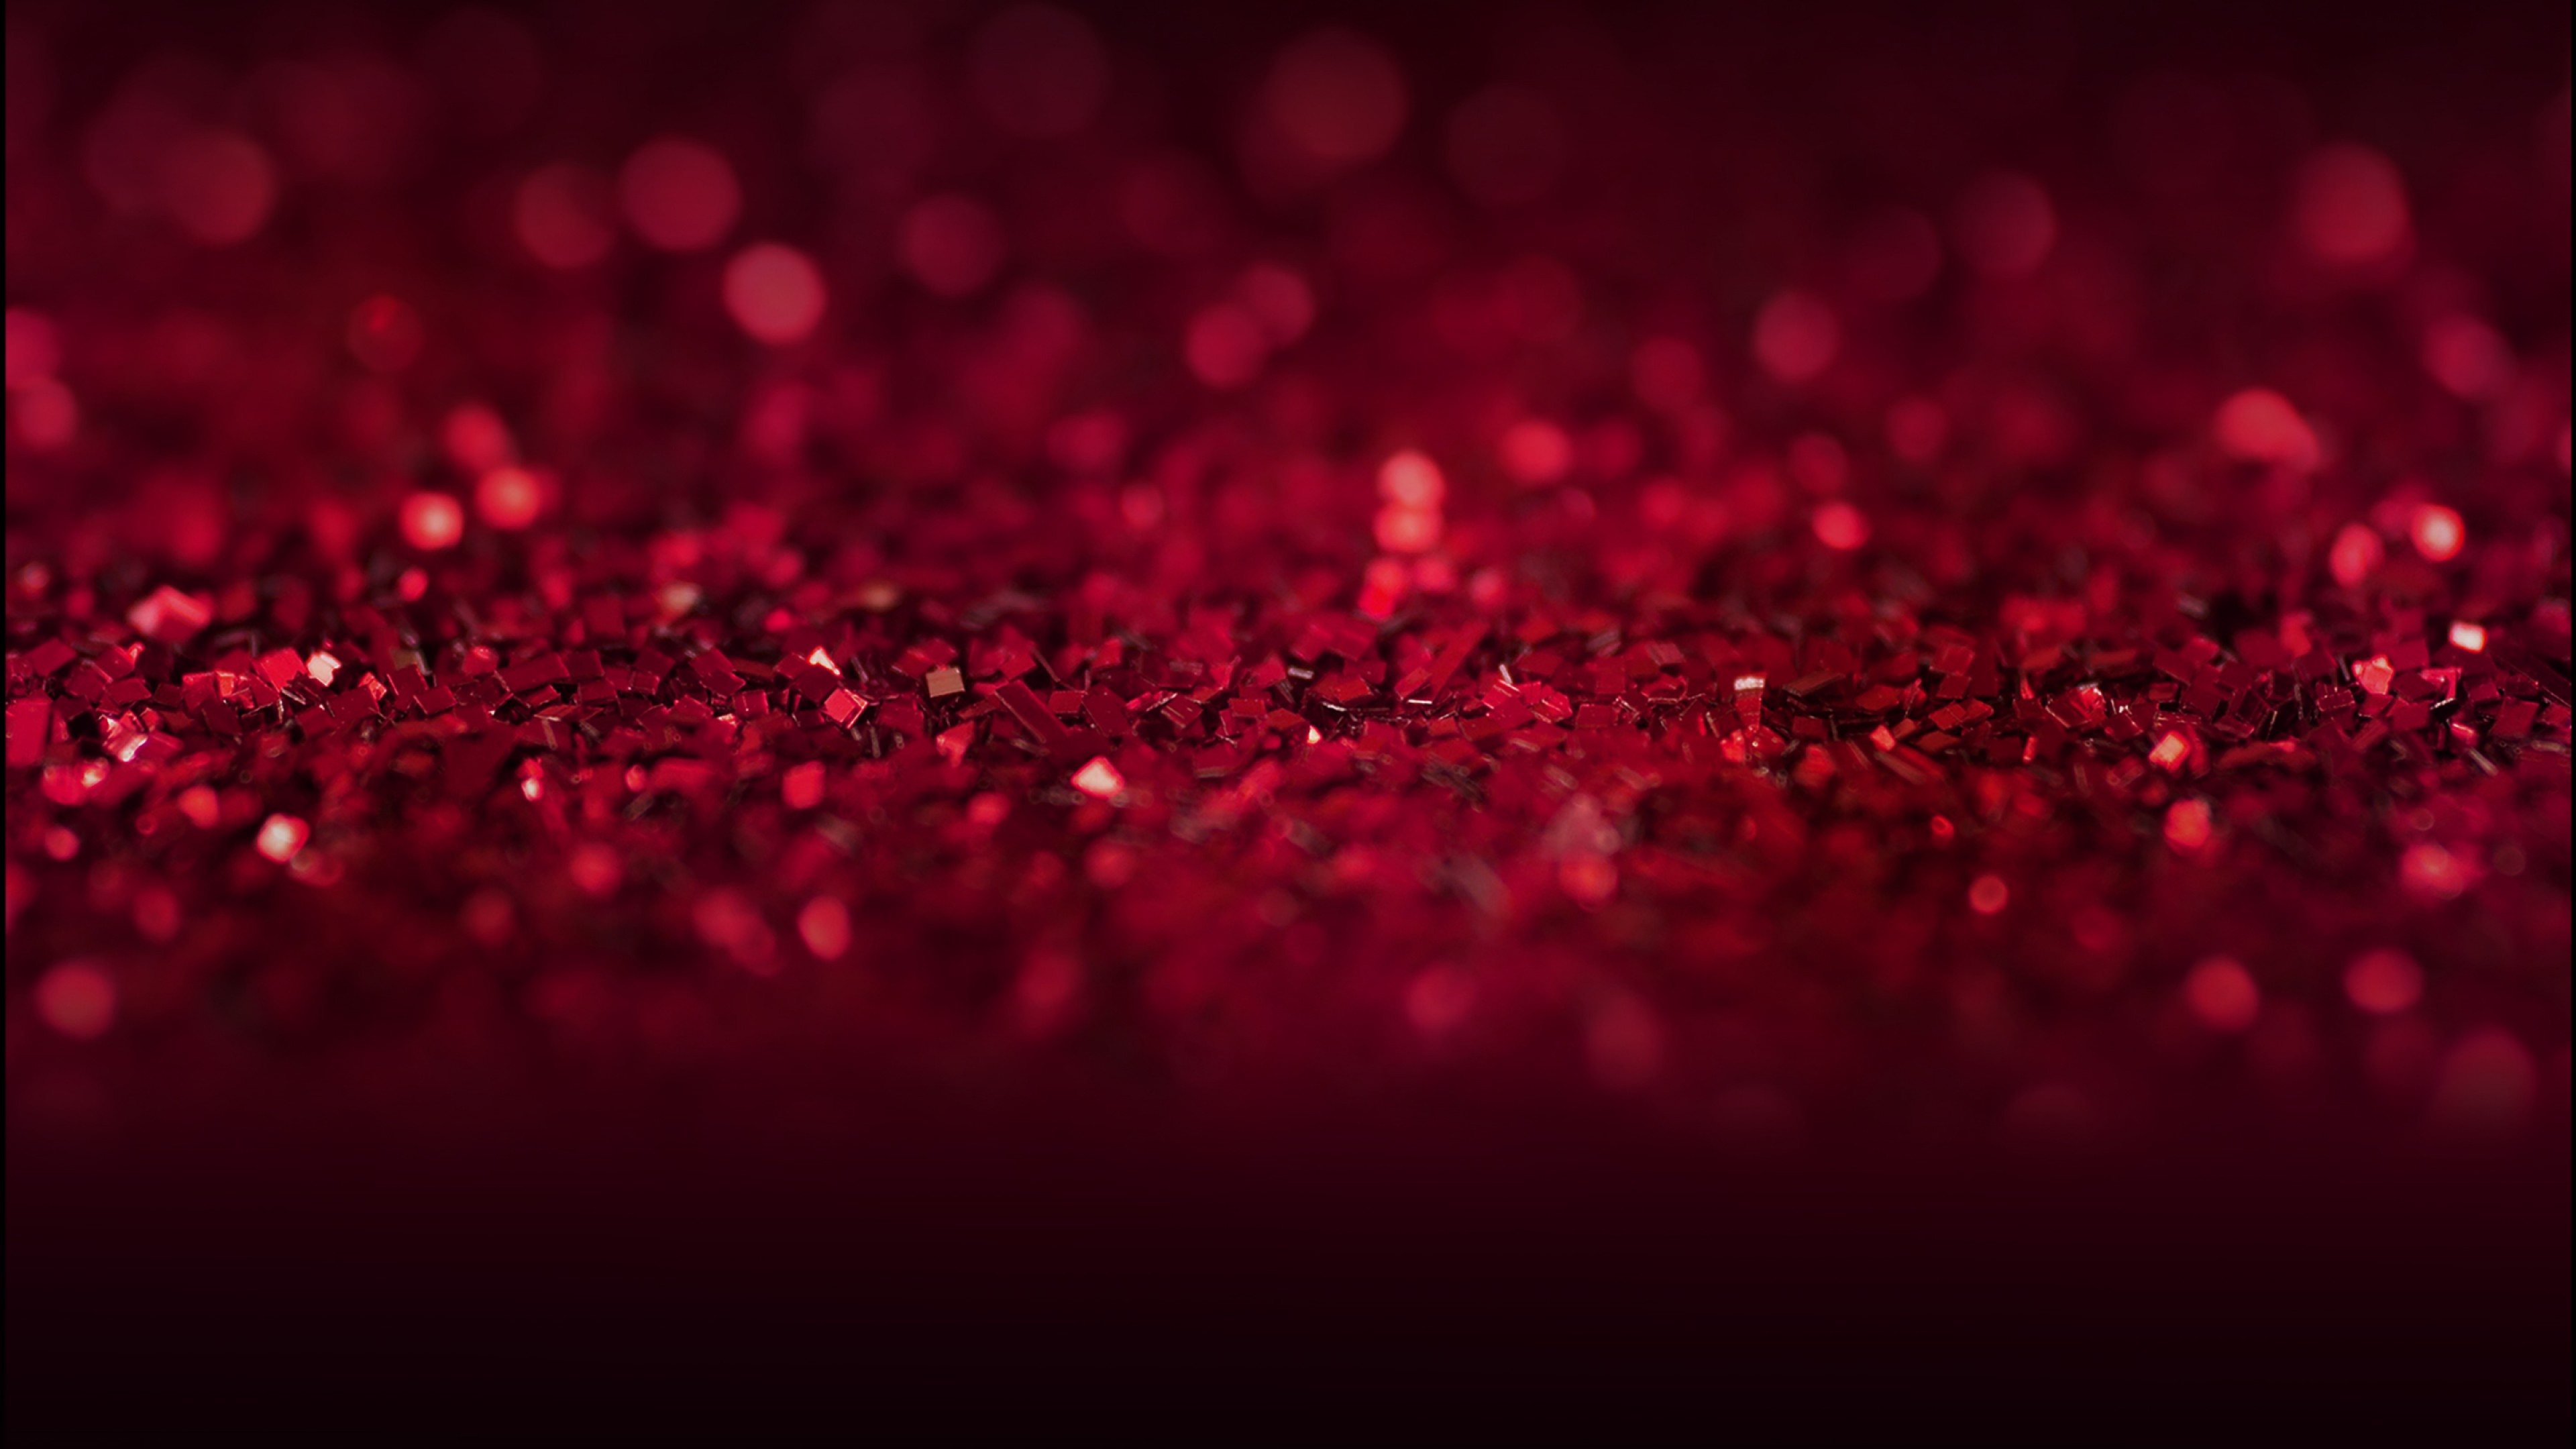 Розовые блестящие и красные камни на черном фоне